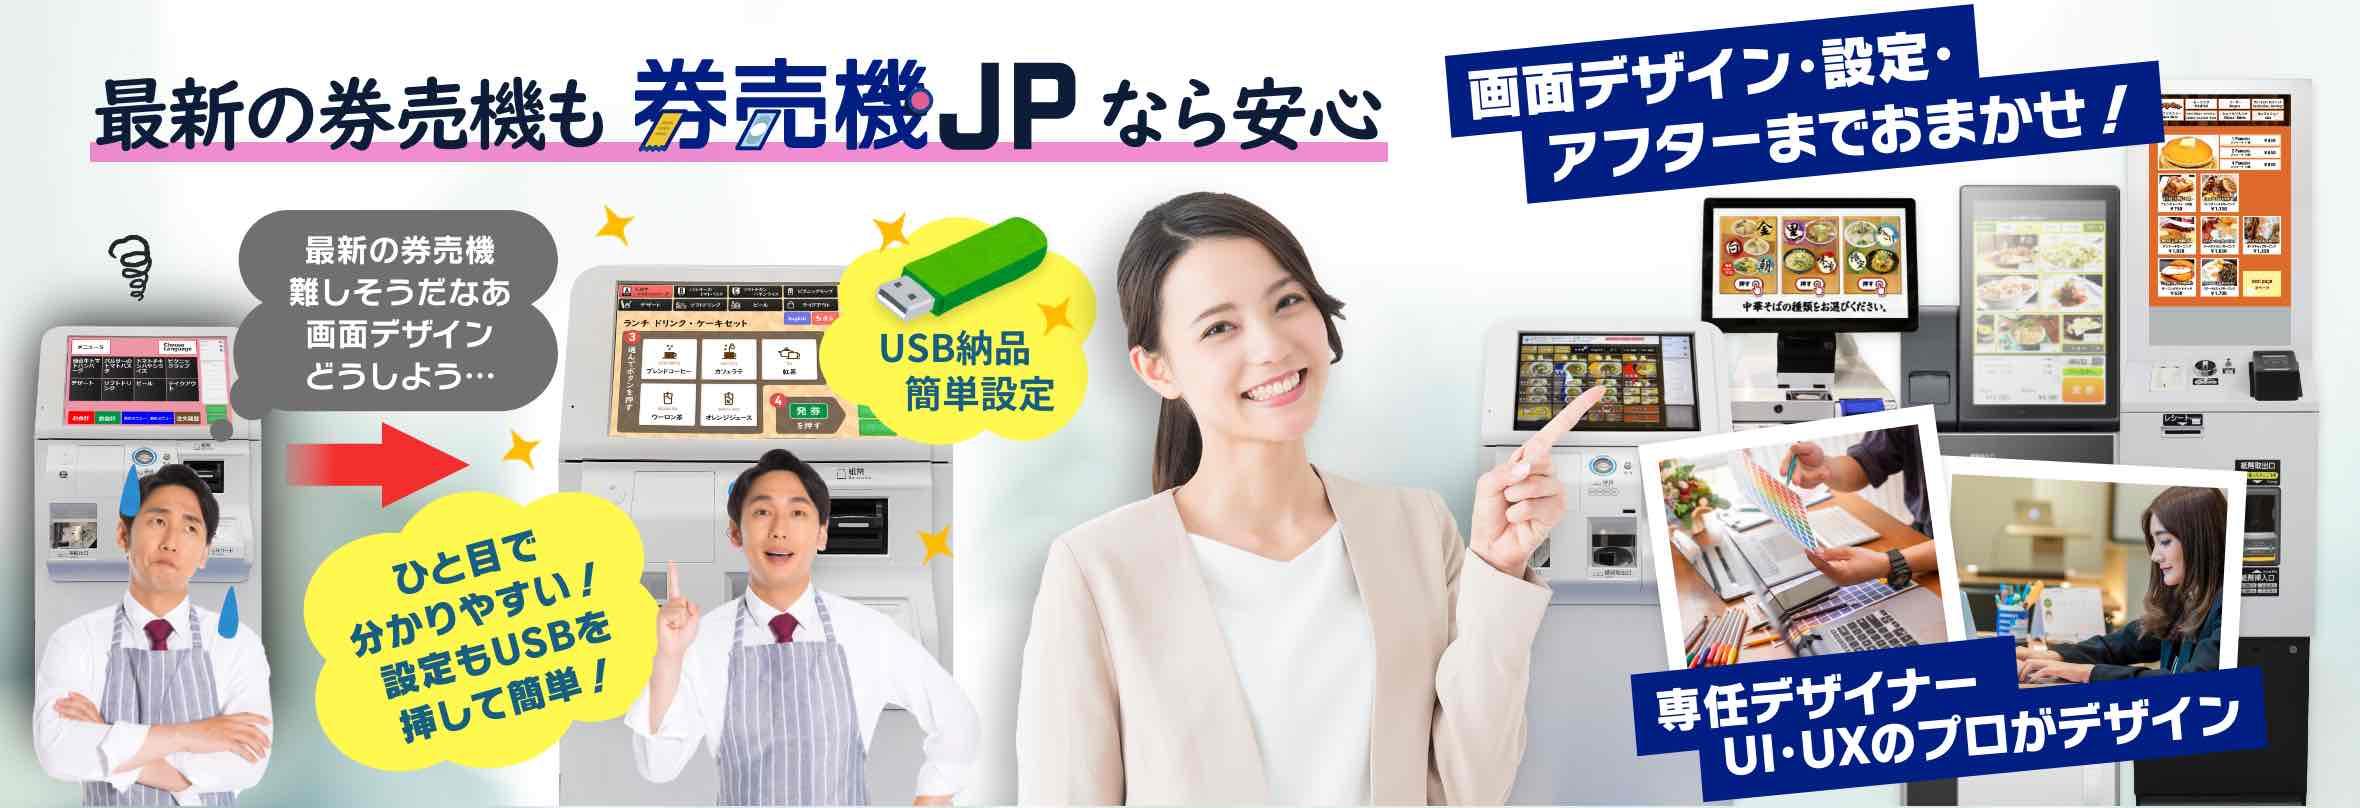 最新の券売機も券売機JPなら安心